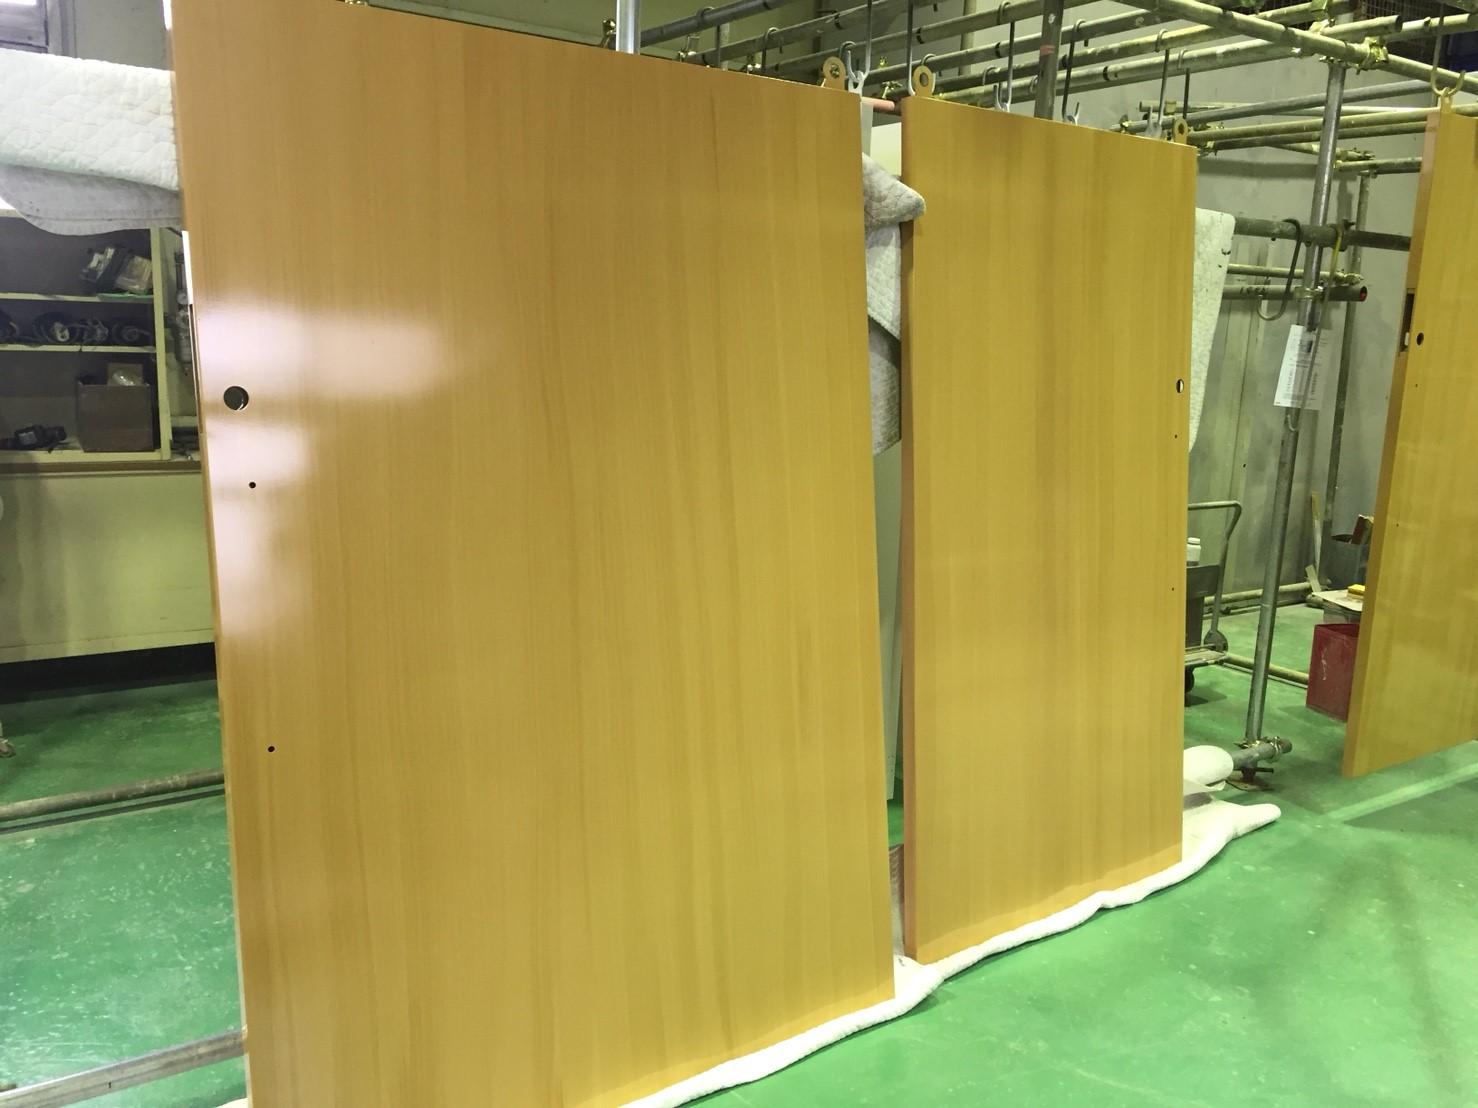 大型重量扉への木目塗装 ~塗装でイメージチェンジを~